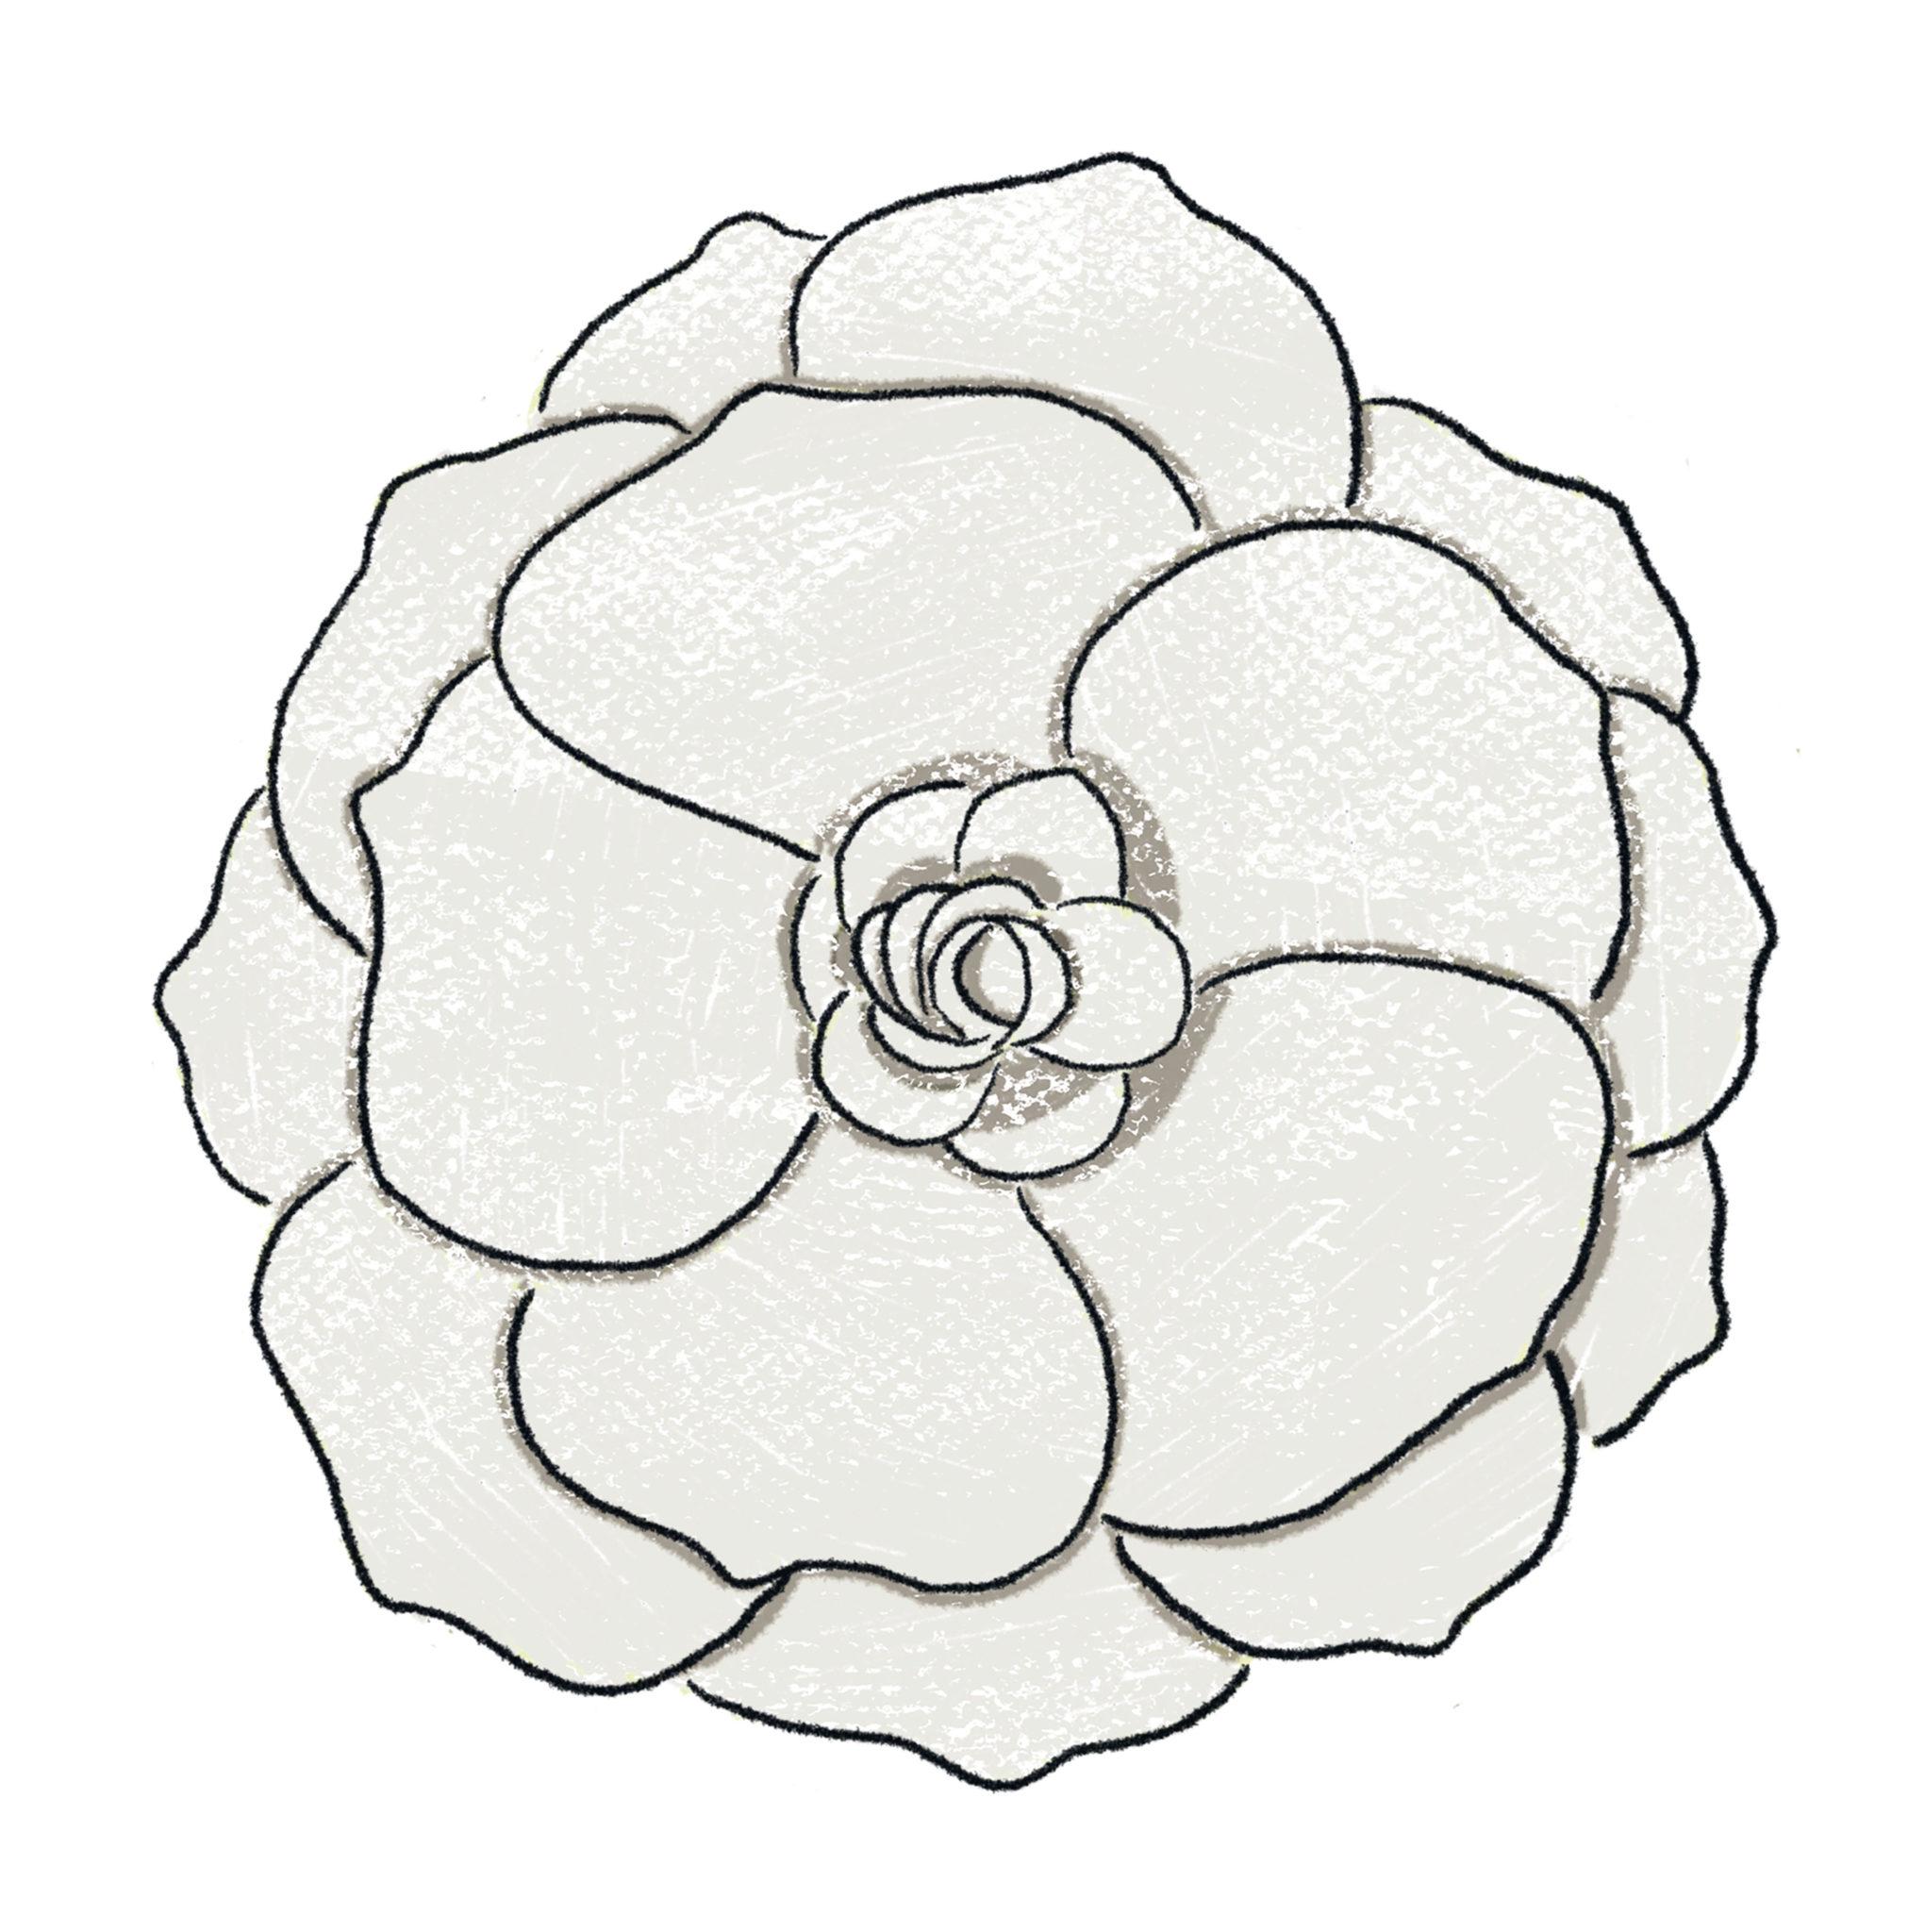 NOUS célèbre l'extraordinaire talent créatif avec une fleur